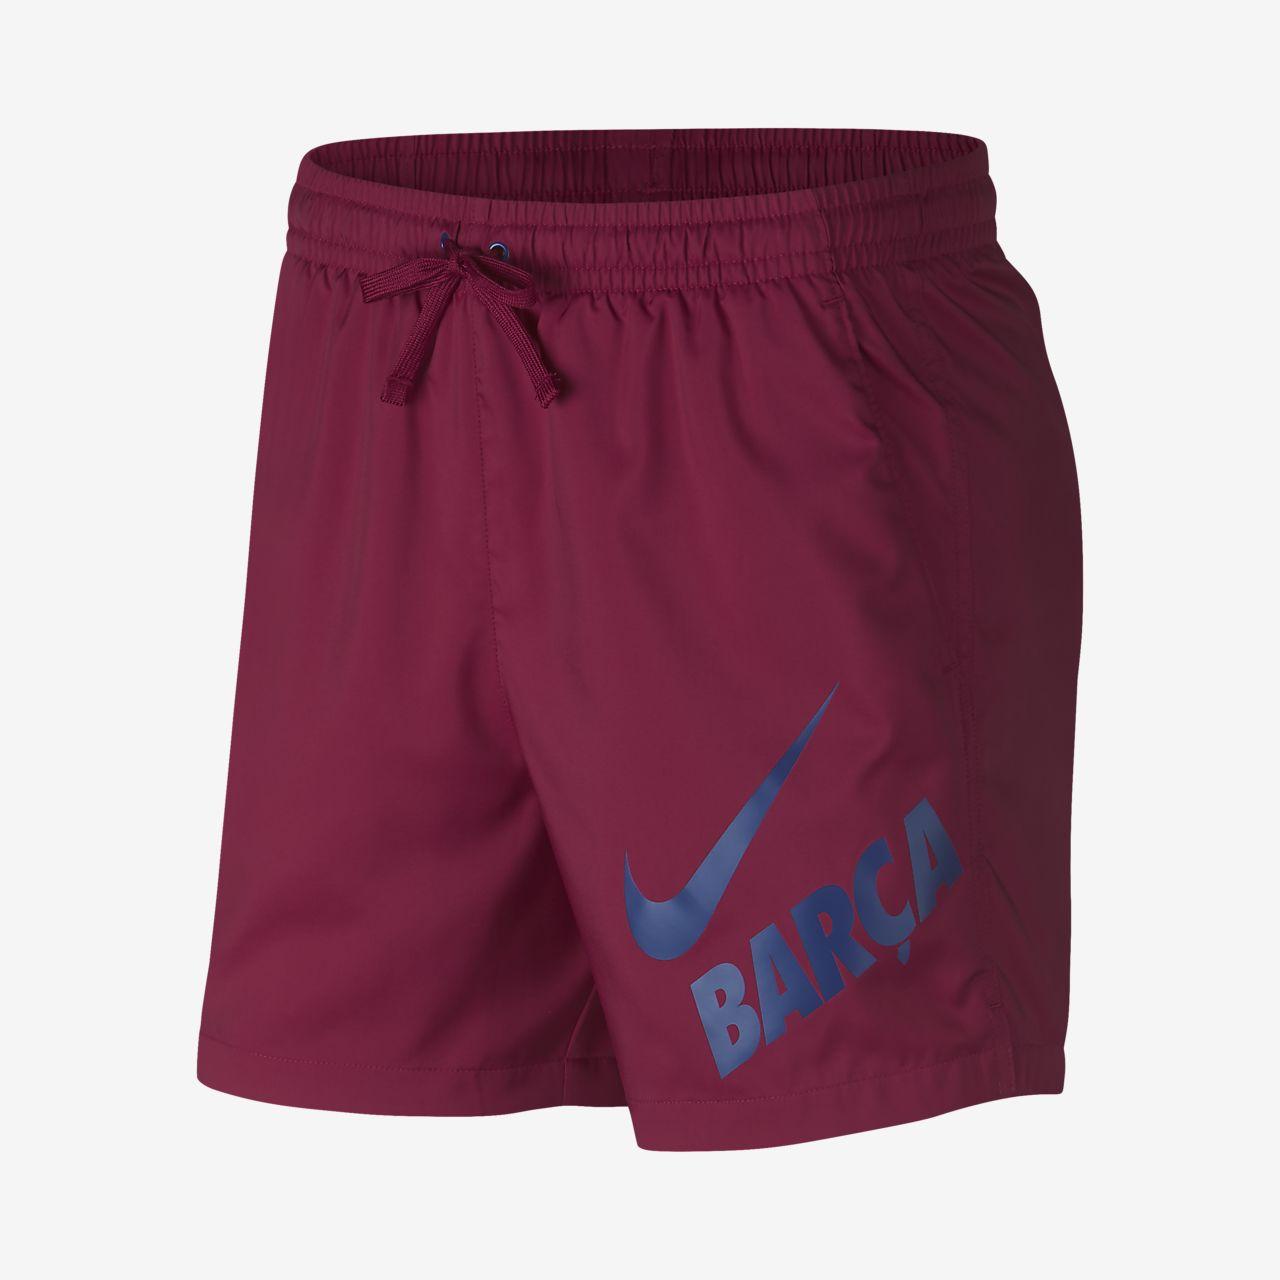 a3514ef95a6f2 FC Barcelona Pantalón corto - Hombre. Nike.com ES